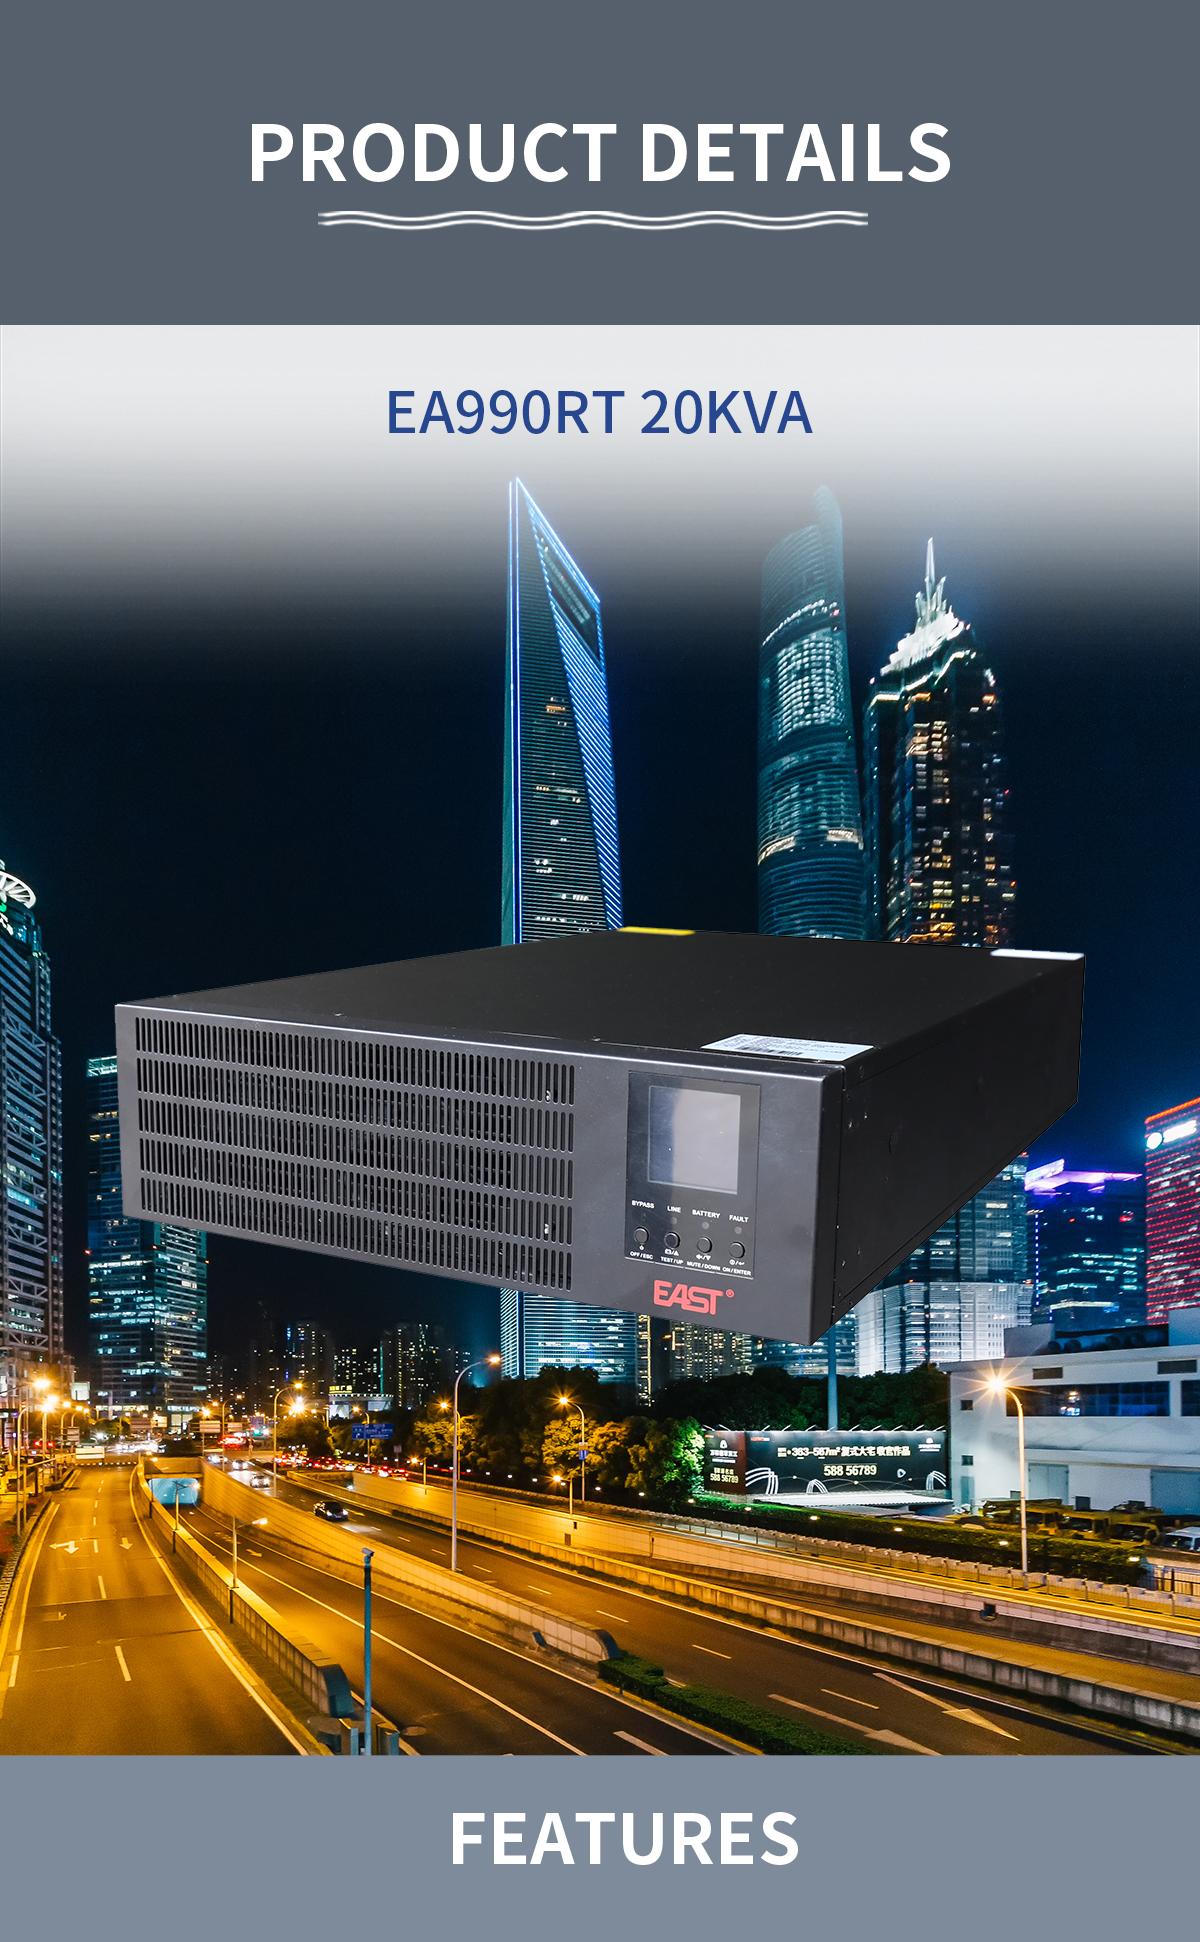 EA990RT-20kVA-(333111)_01.jpg